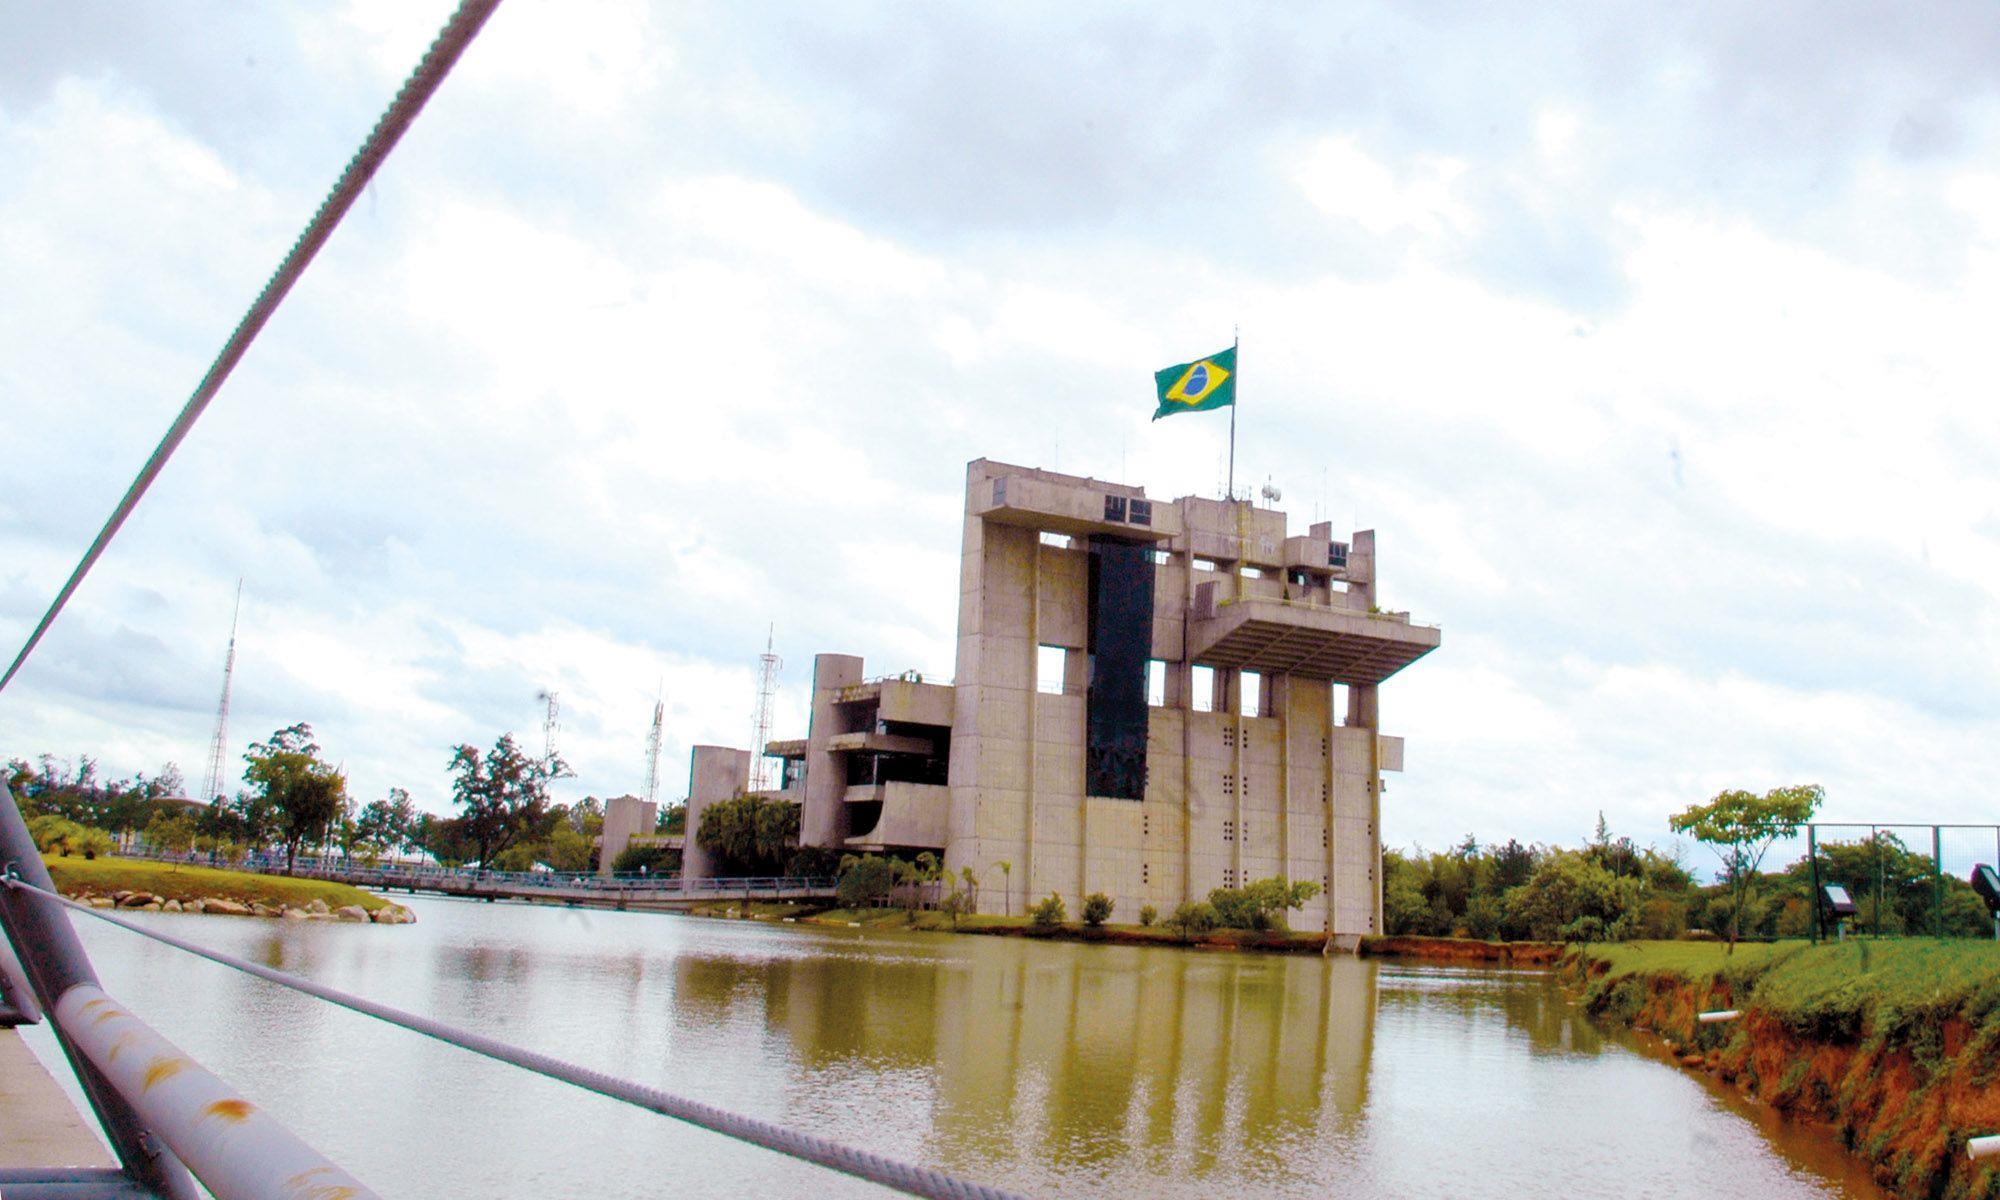 CASa, PAPEL, investigação, prefeitura, sorocaba, Foguinho/Imprensa SMetal